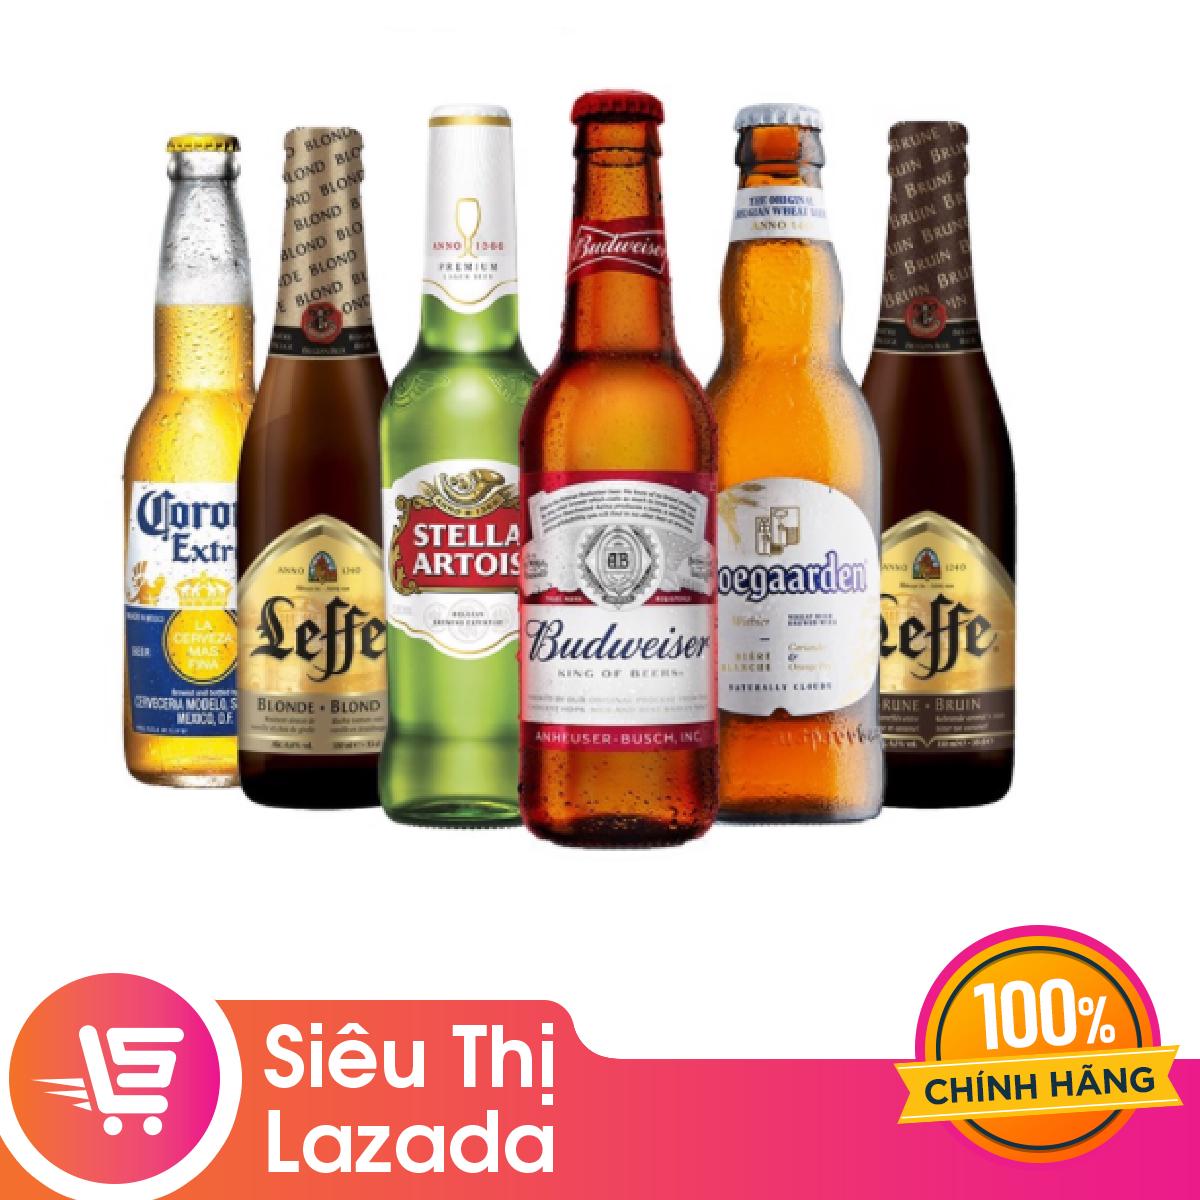 [Siêu thị Lazada] Bộ sưu tập 6 chai bia Budweiser Leffe Hoegaarden Stella Corona (Beers of the world) hương thơm tự nhiên, hương vị tuyệt hảo